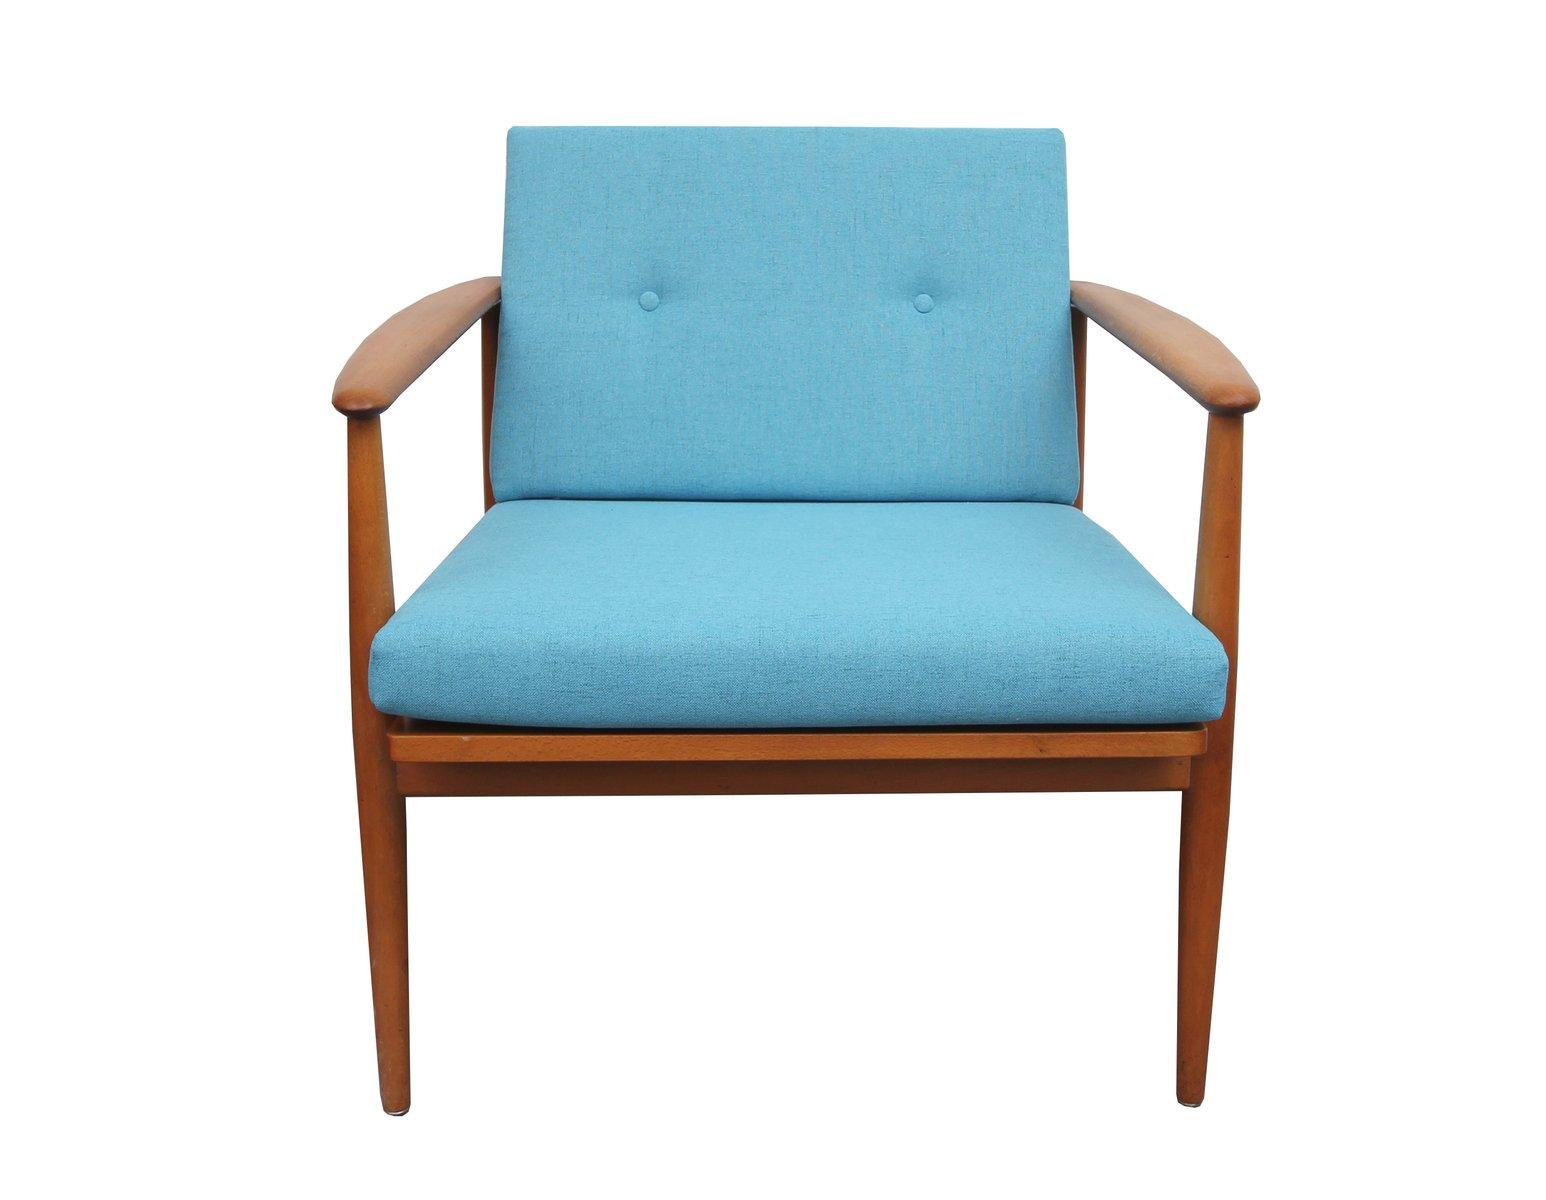 fauteuil vintage h tre bleu clair en vente sur pamono. Black Bedroom Furniture Sets. Home Design Ideas